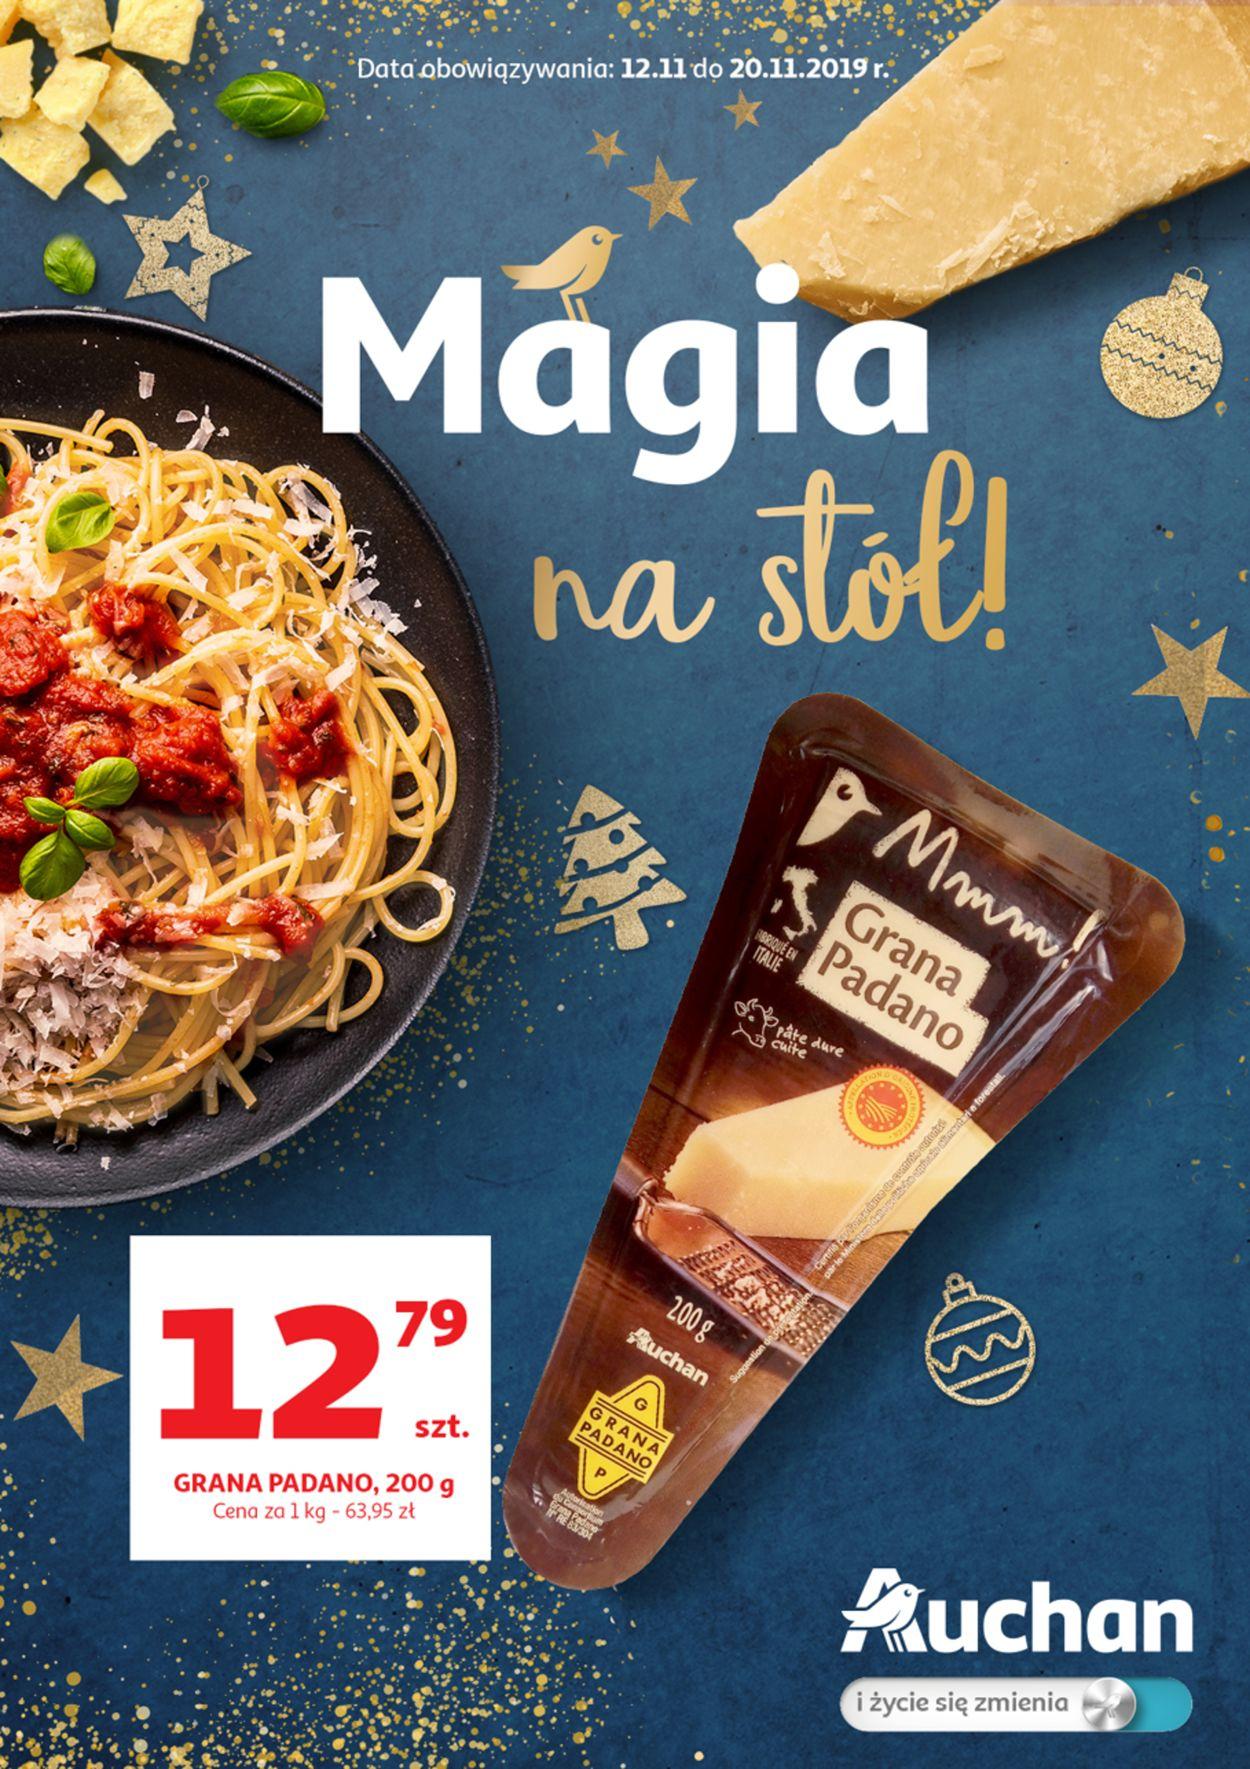 Gazetka promocyjna Auchan - 12.11-20.11.2019